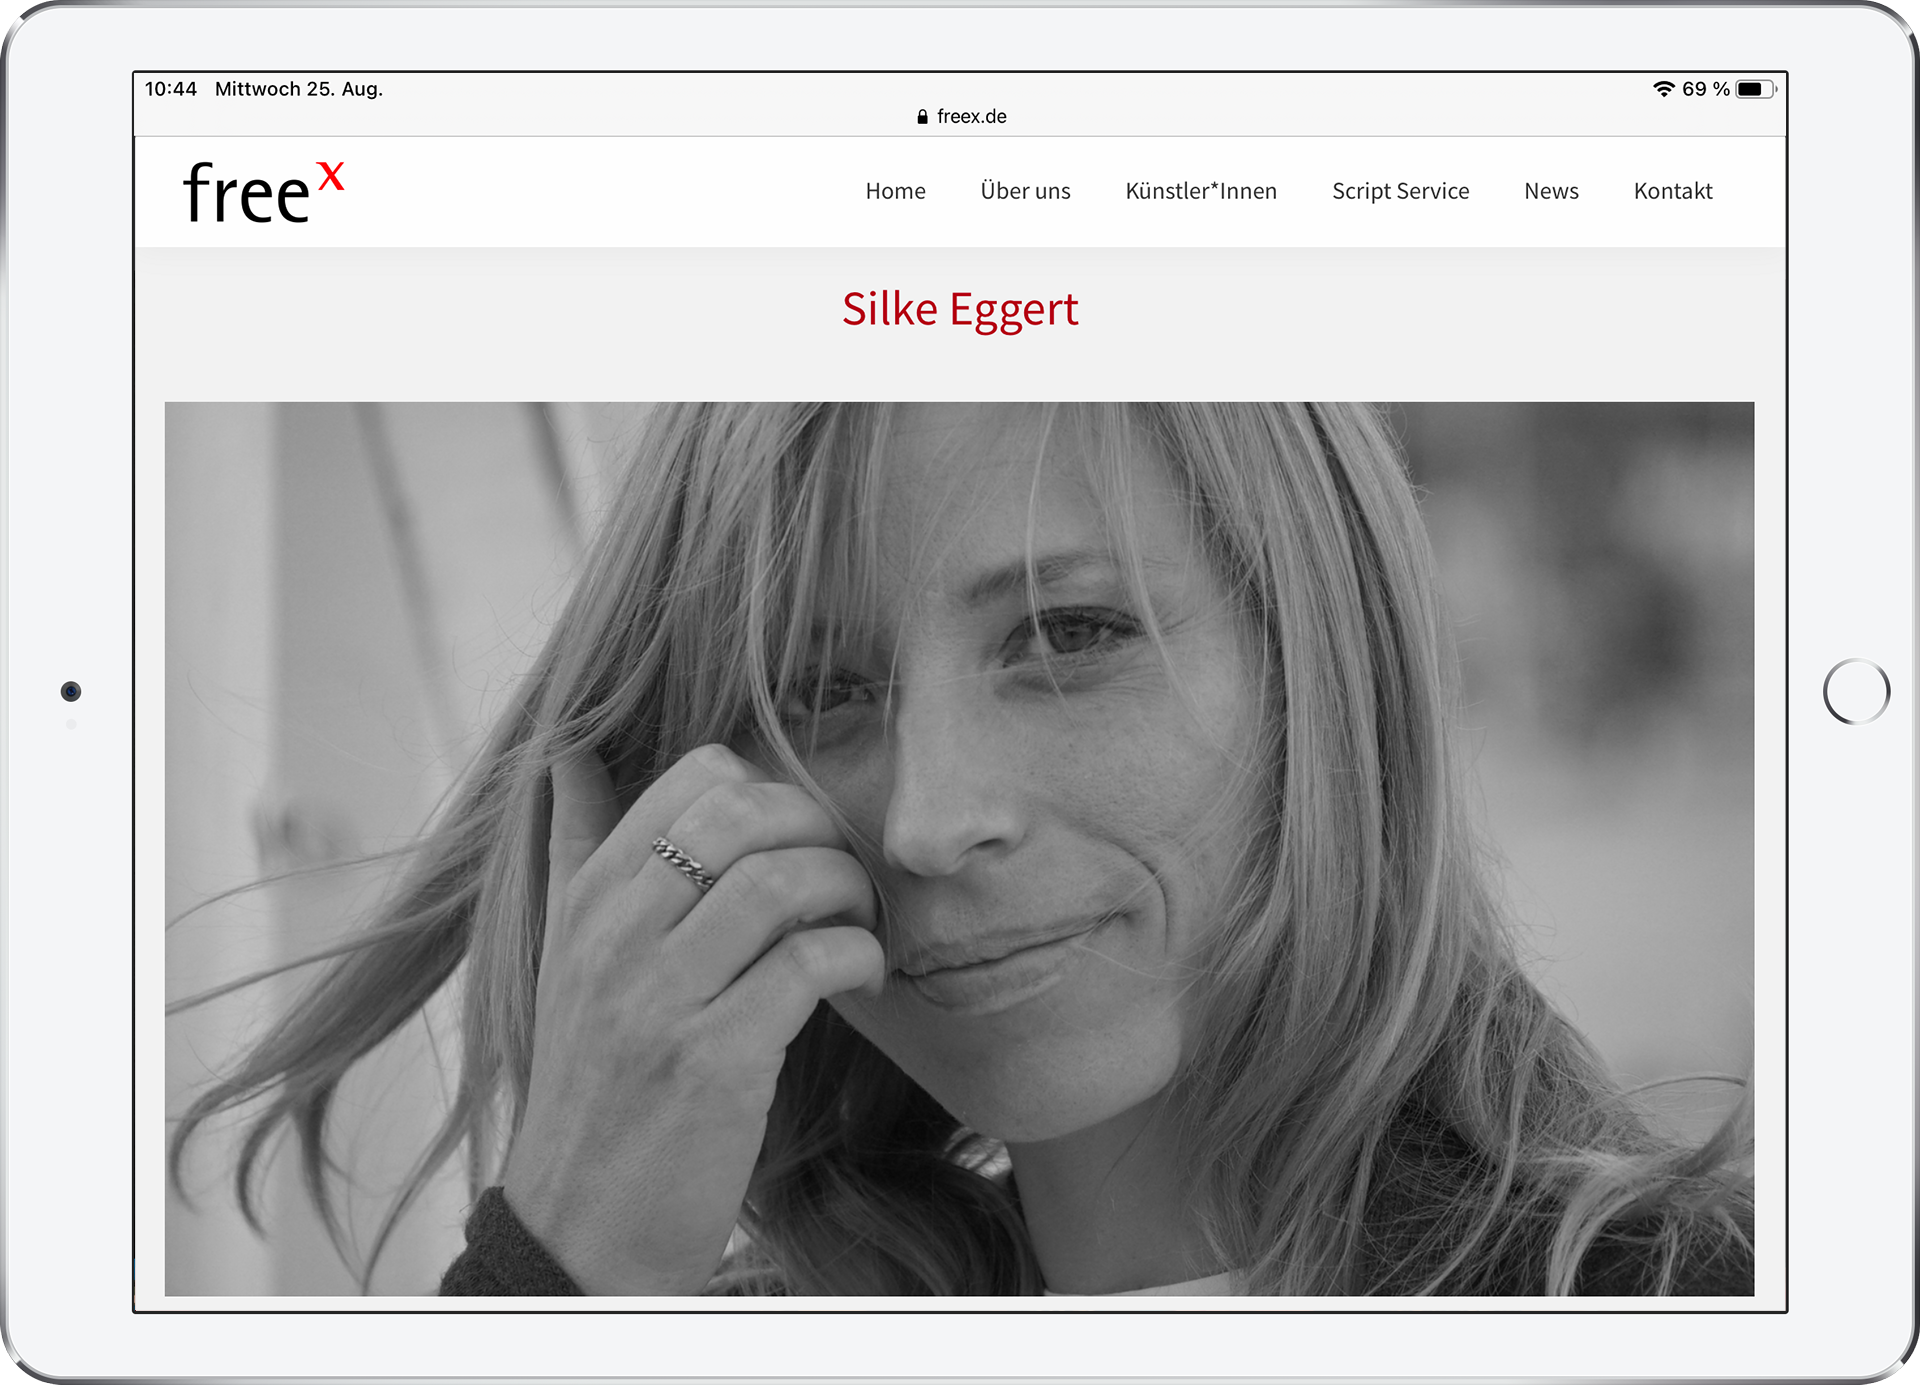 webdesign für free x